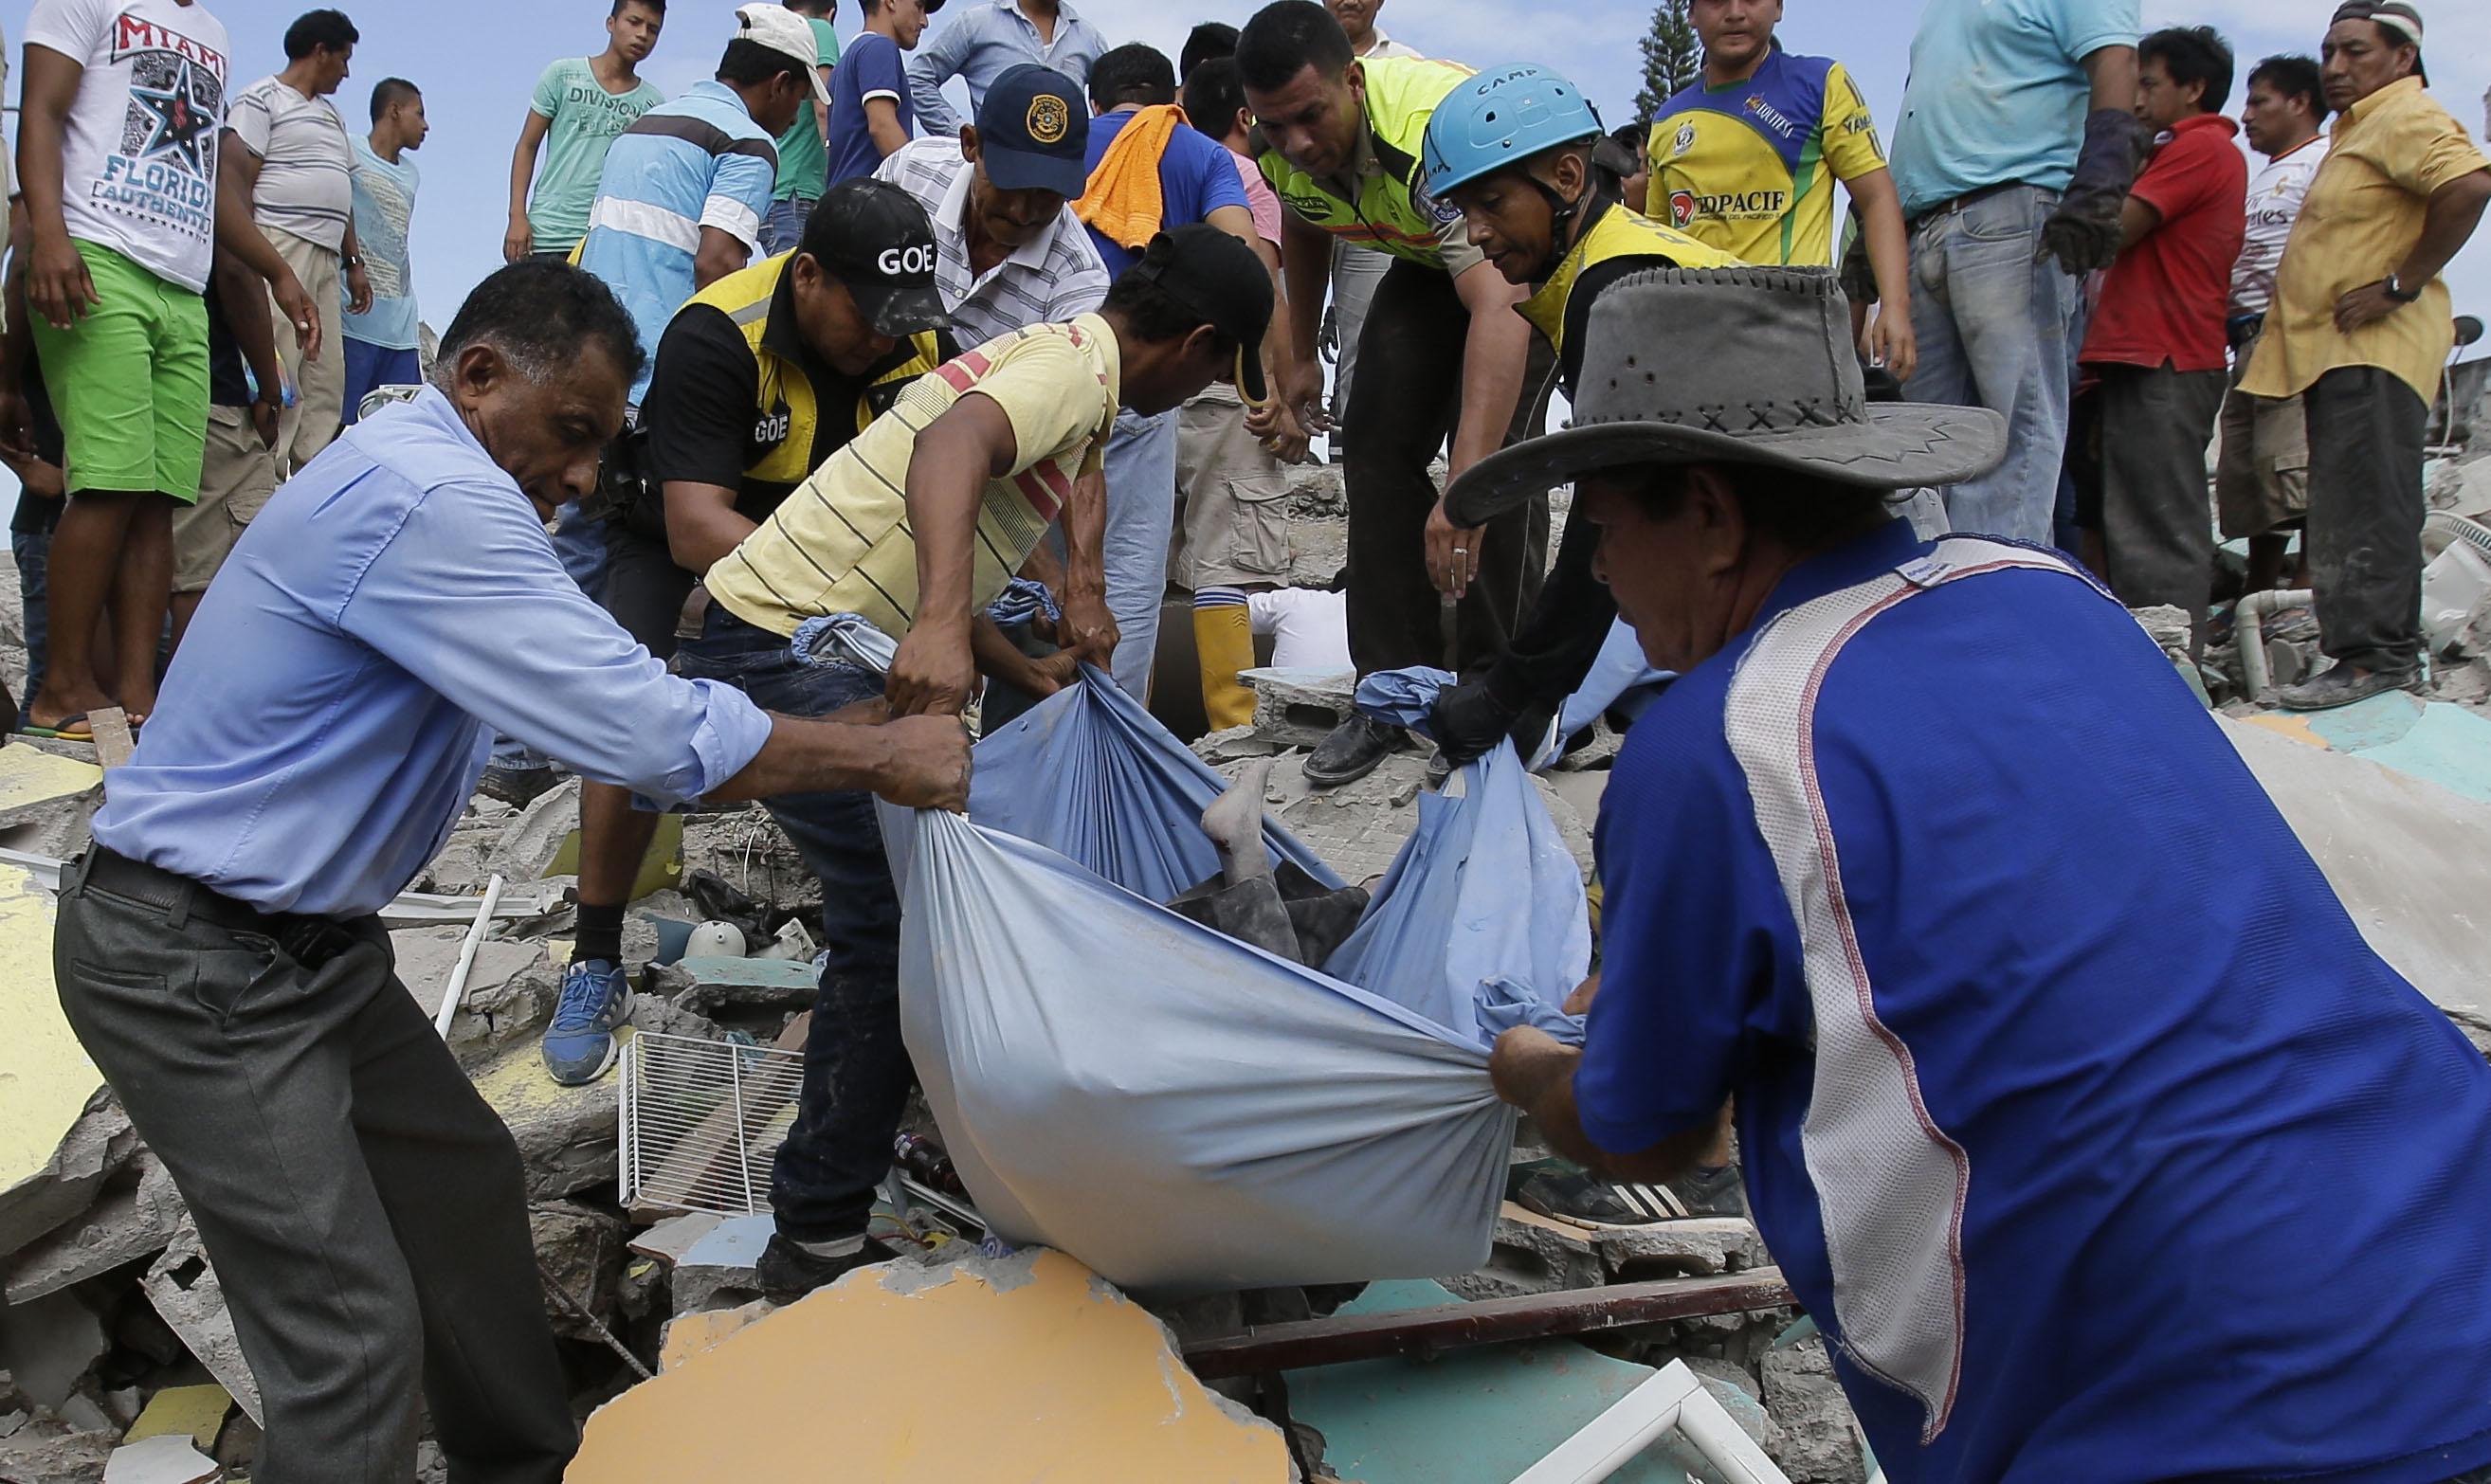 Un saldo preliminar de 413 muertos y más de dos mil heridos se reporta hasta este lunes.